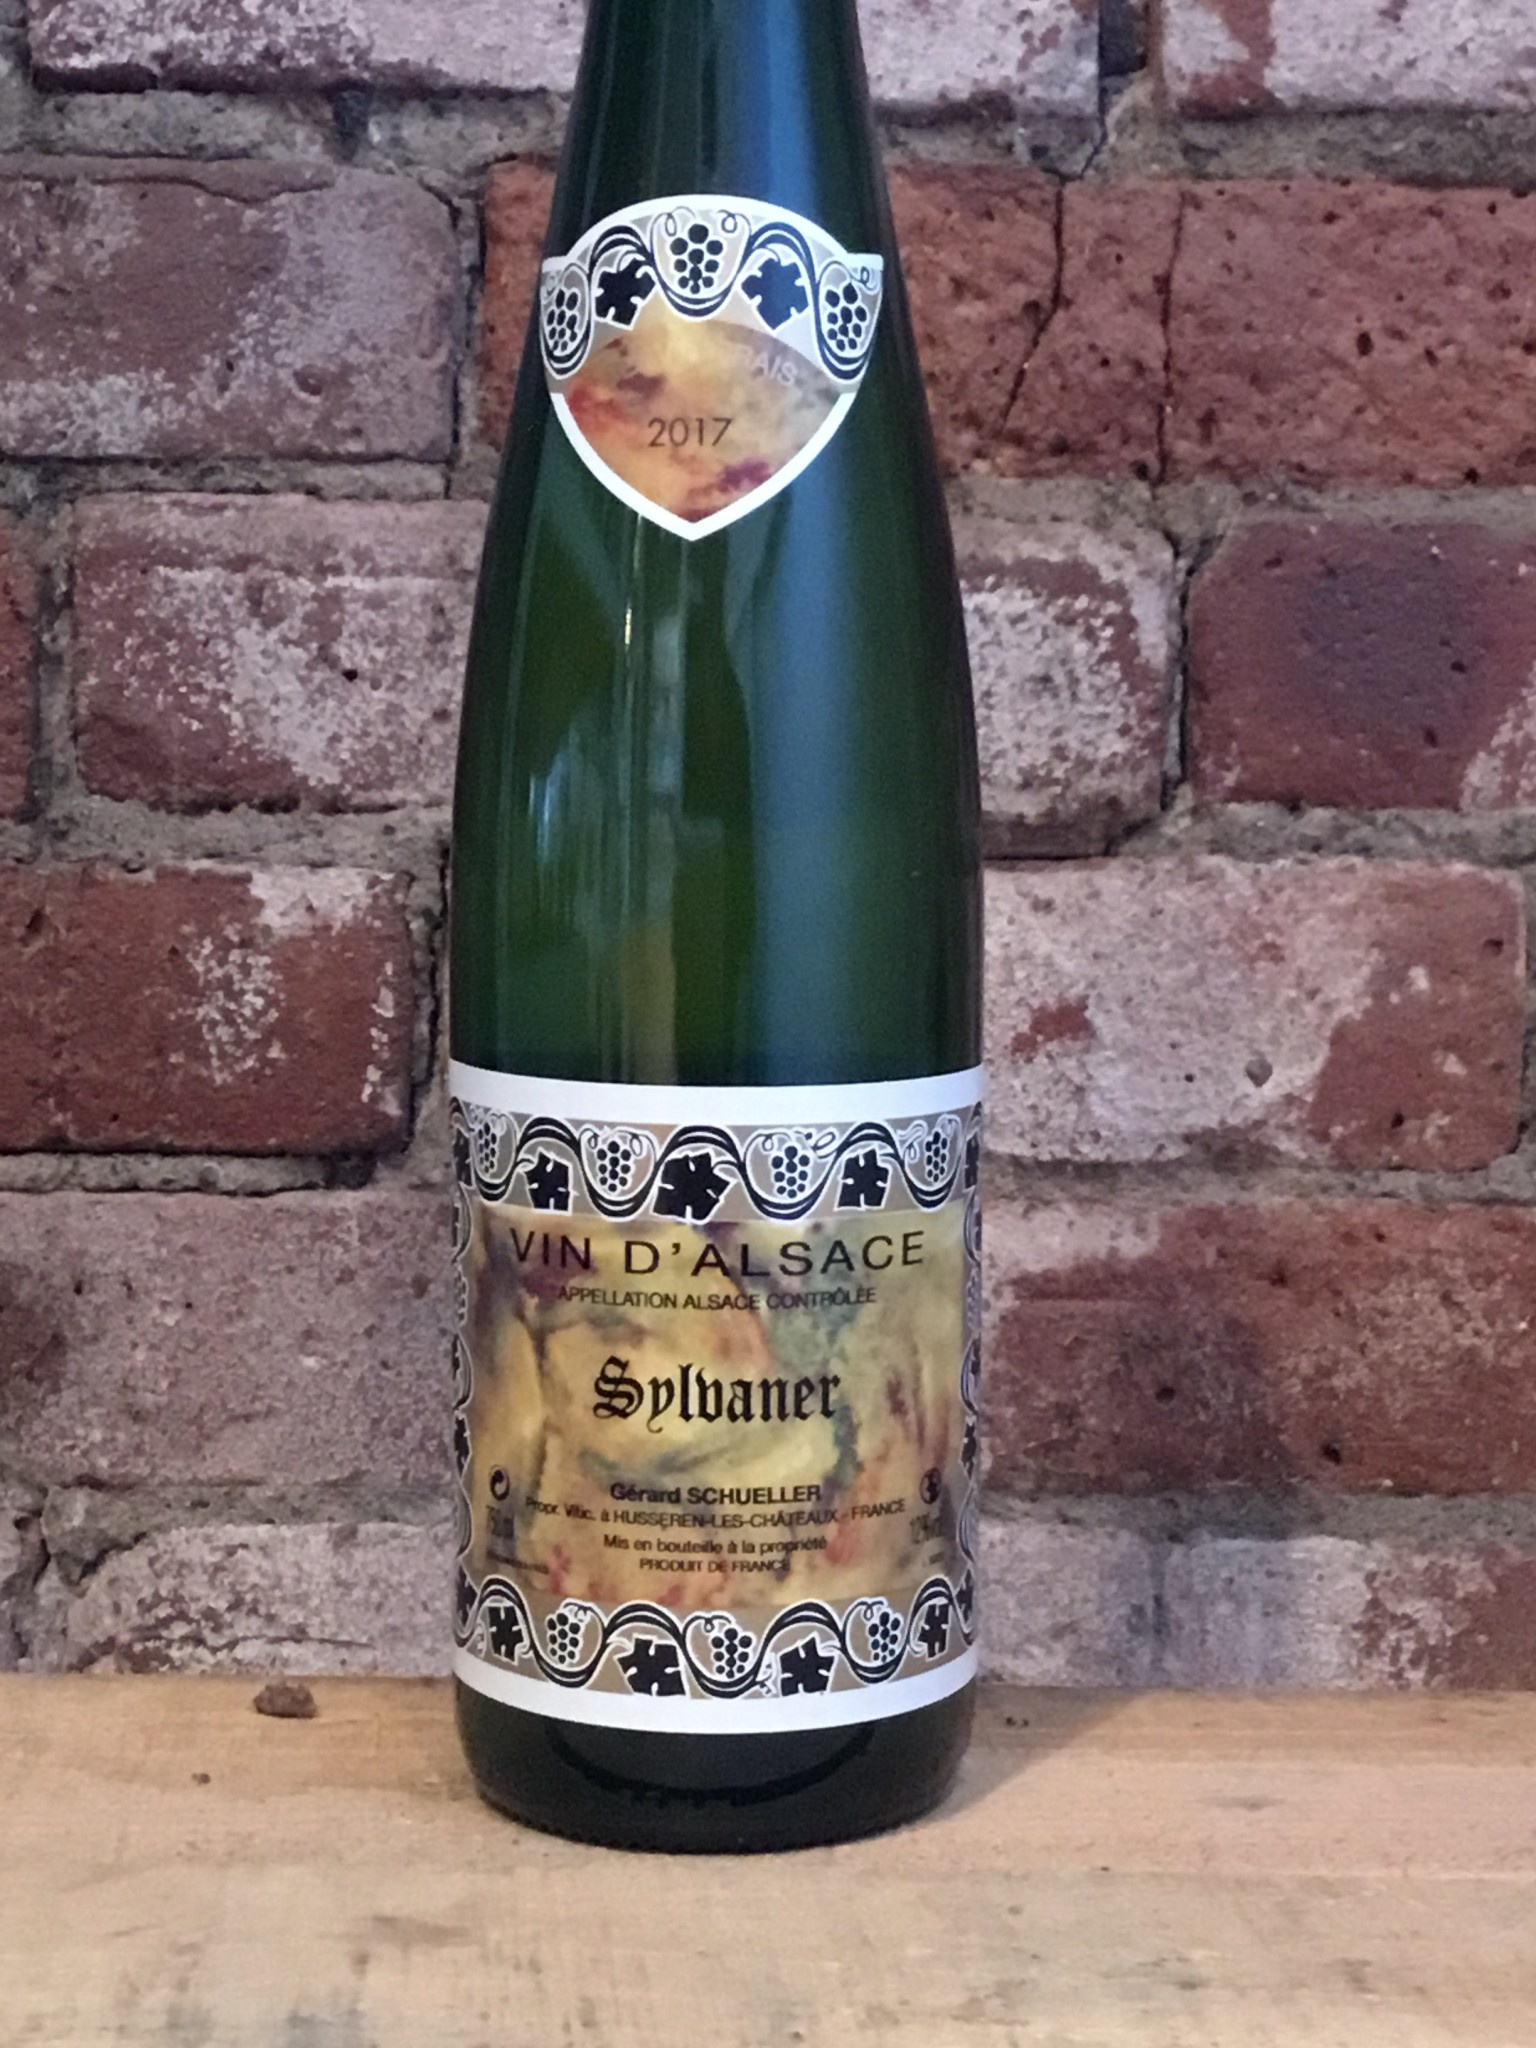 2017 Domaine Bruno Schueller Alsace Sylvaner, 750ml